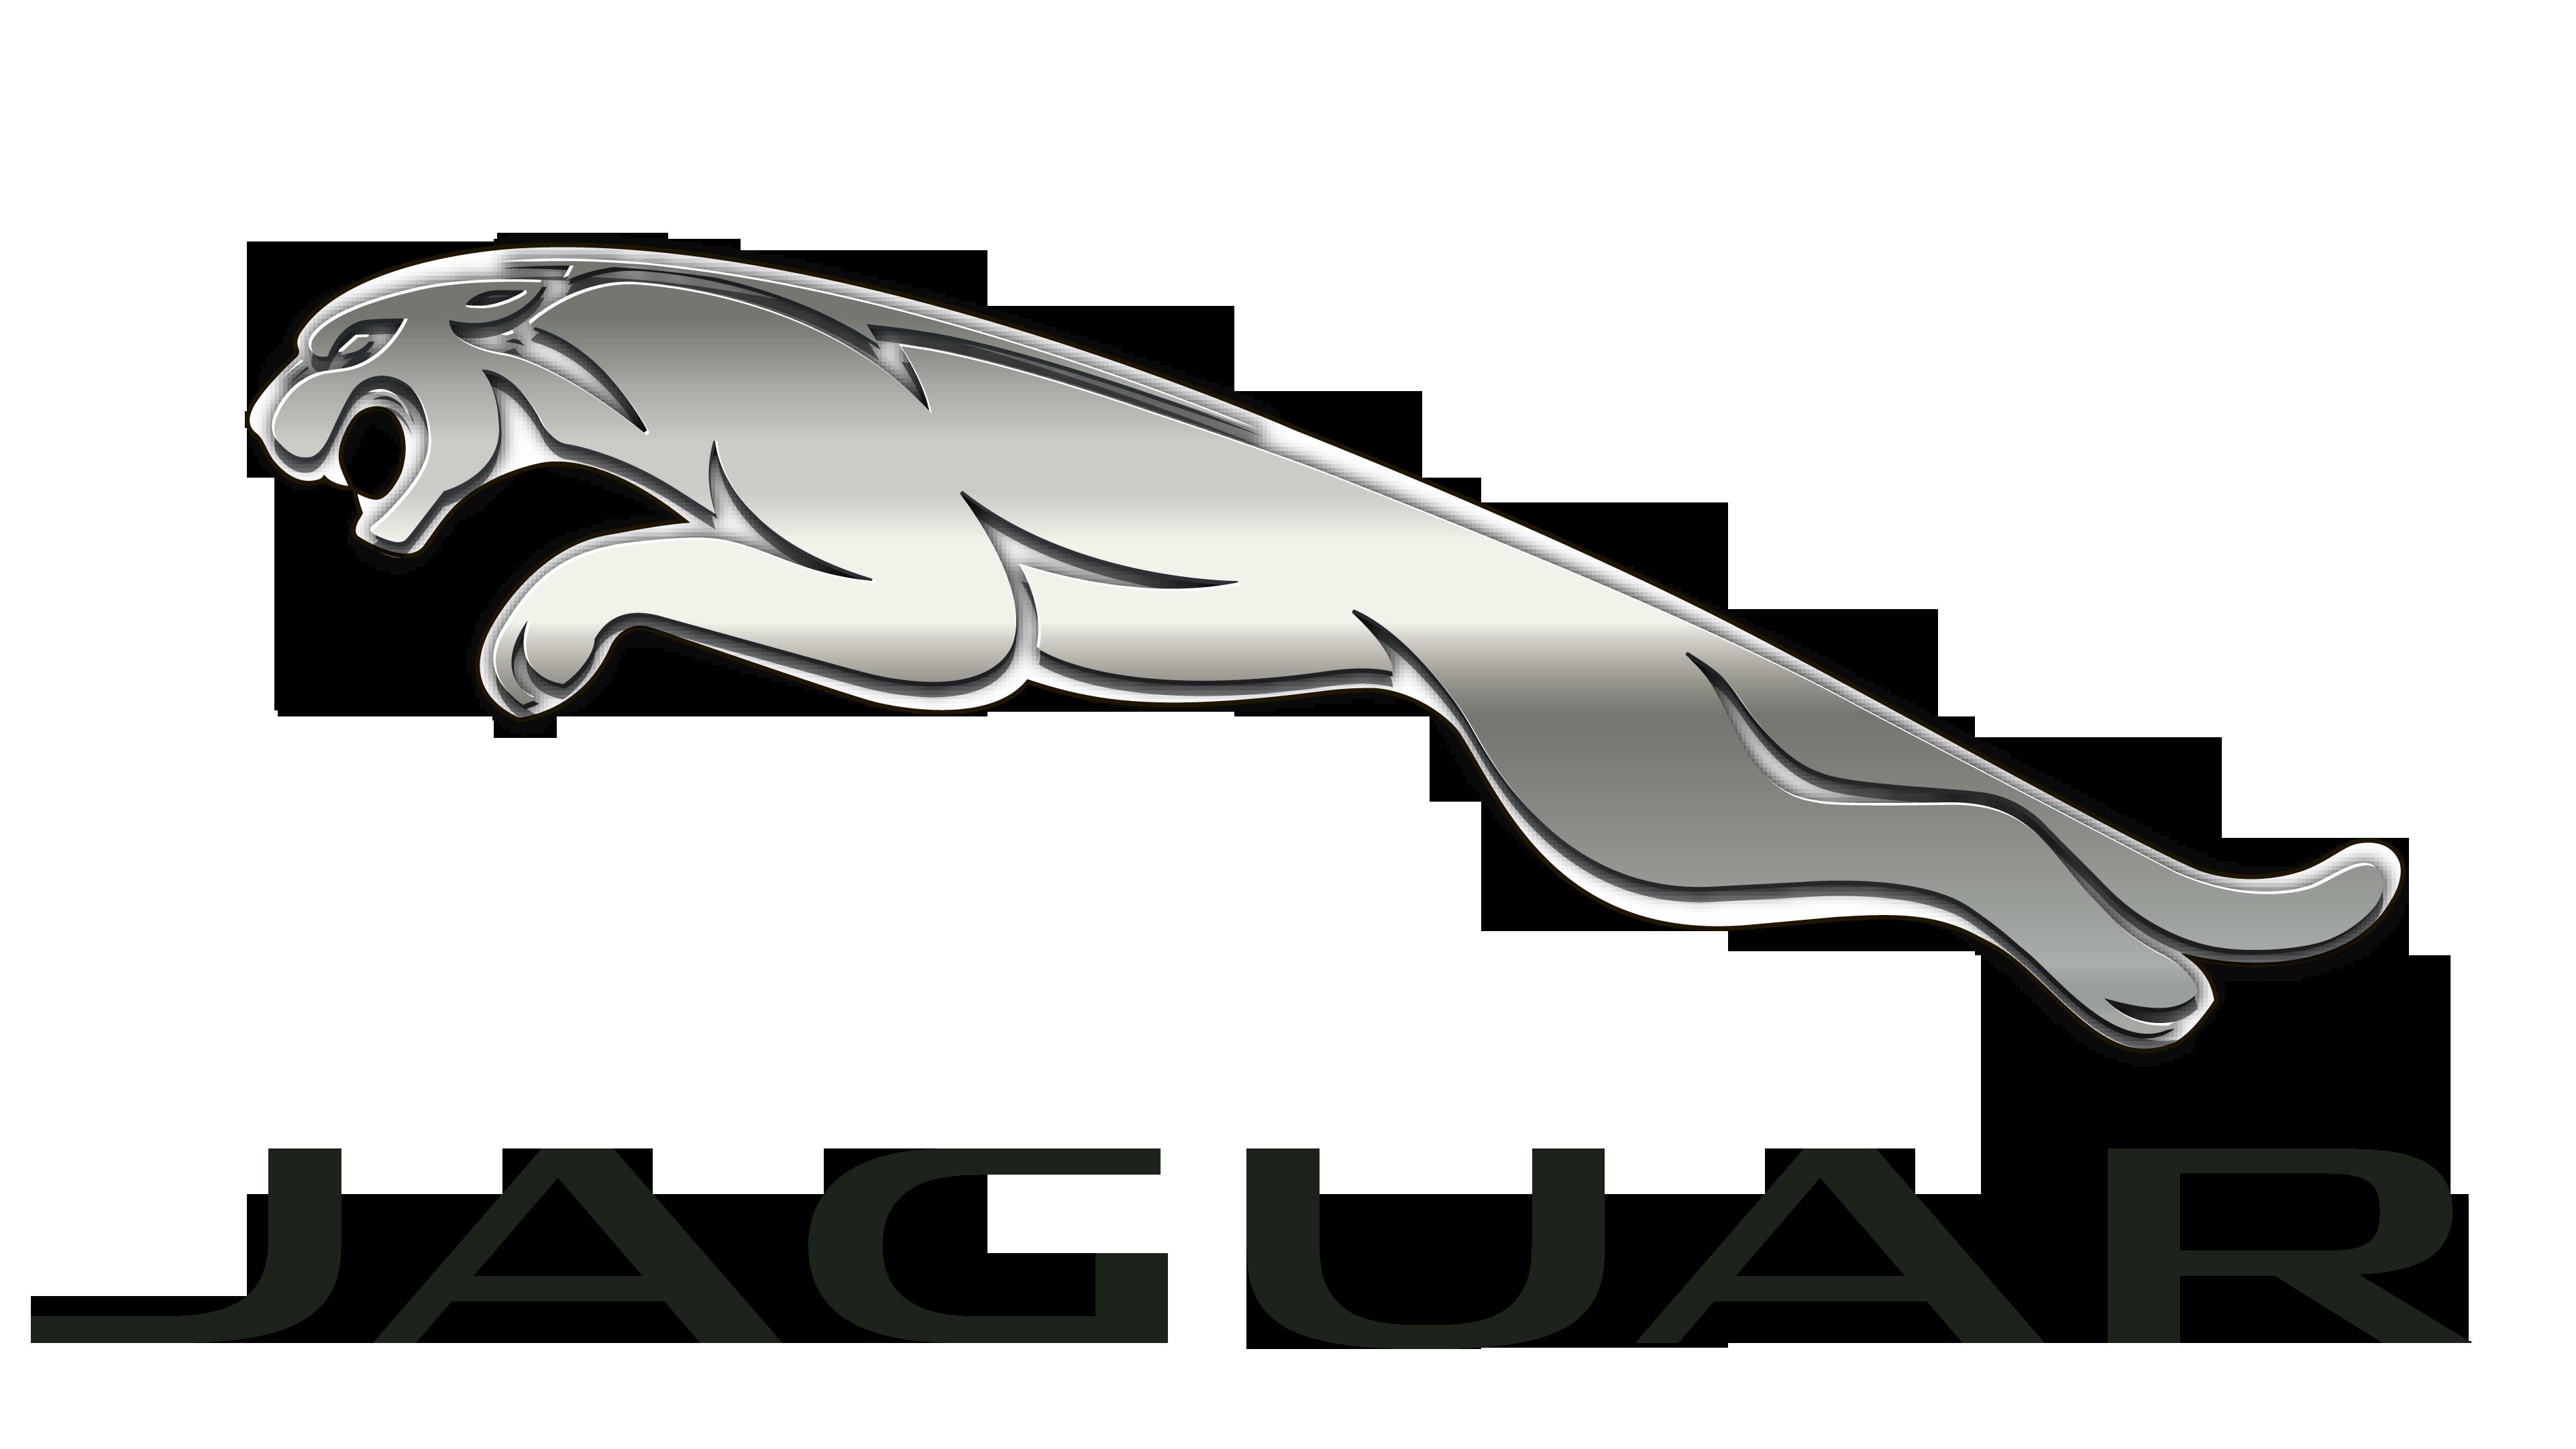 Jaguar logo Bedeutung [ZEICHEN logo, png].